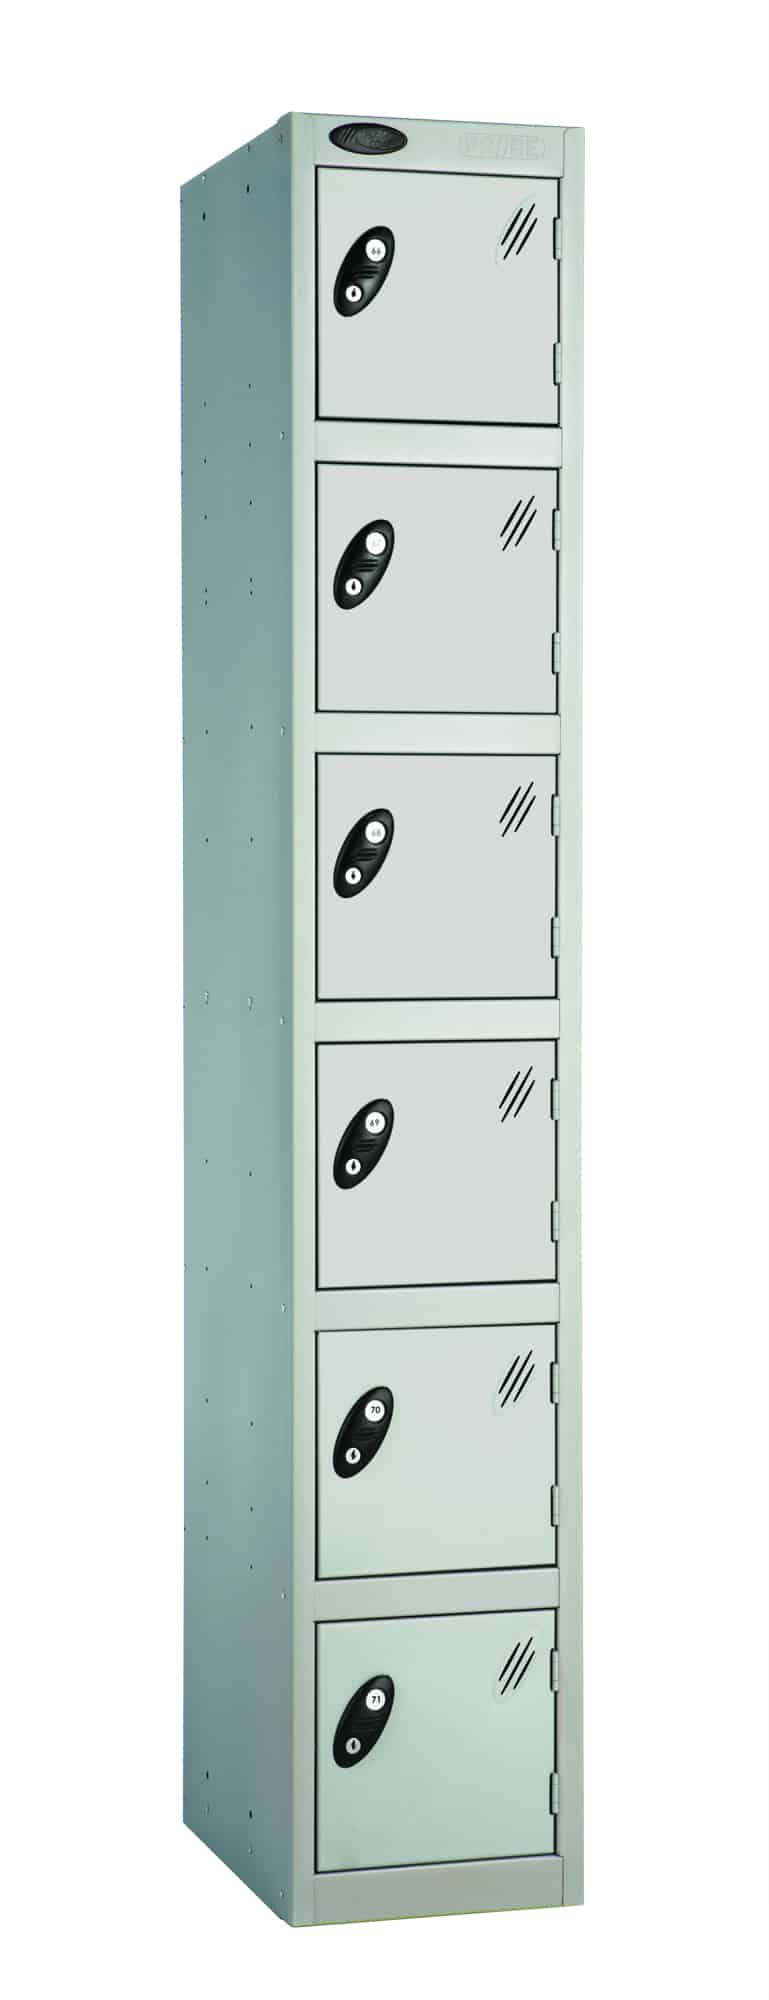 Probe Locker - 6 Compartment